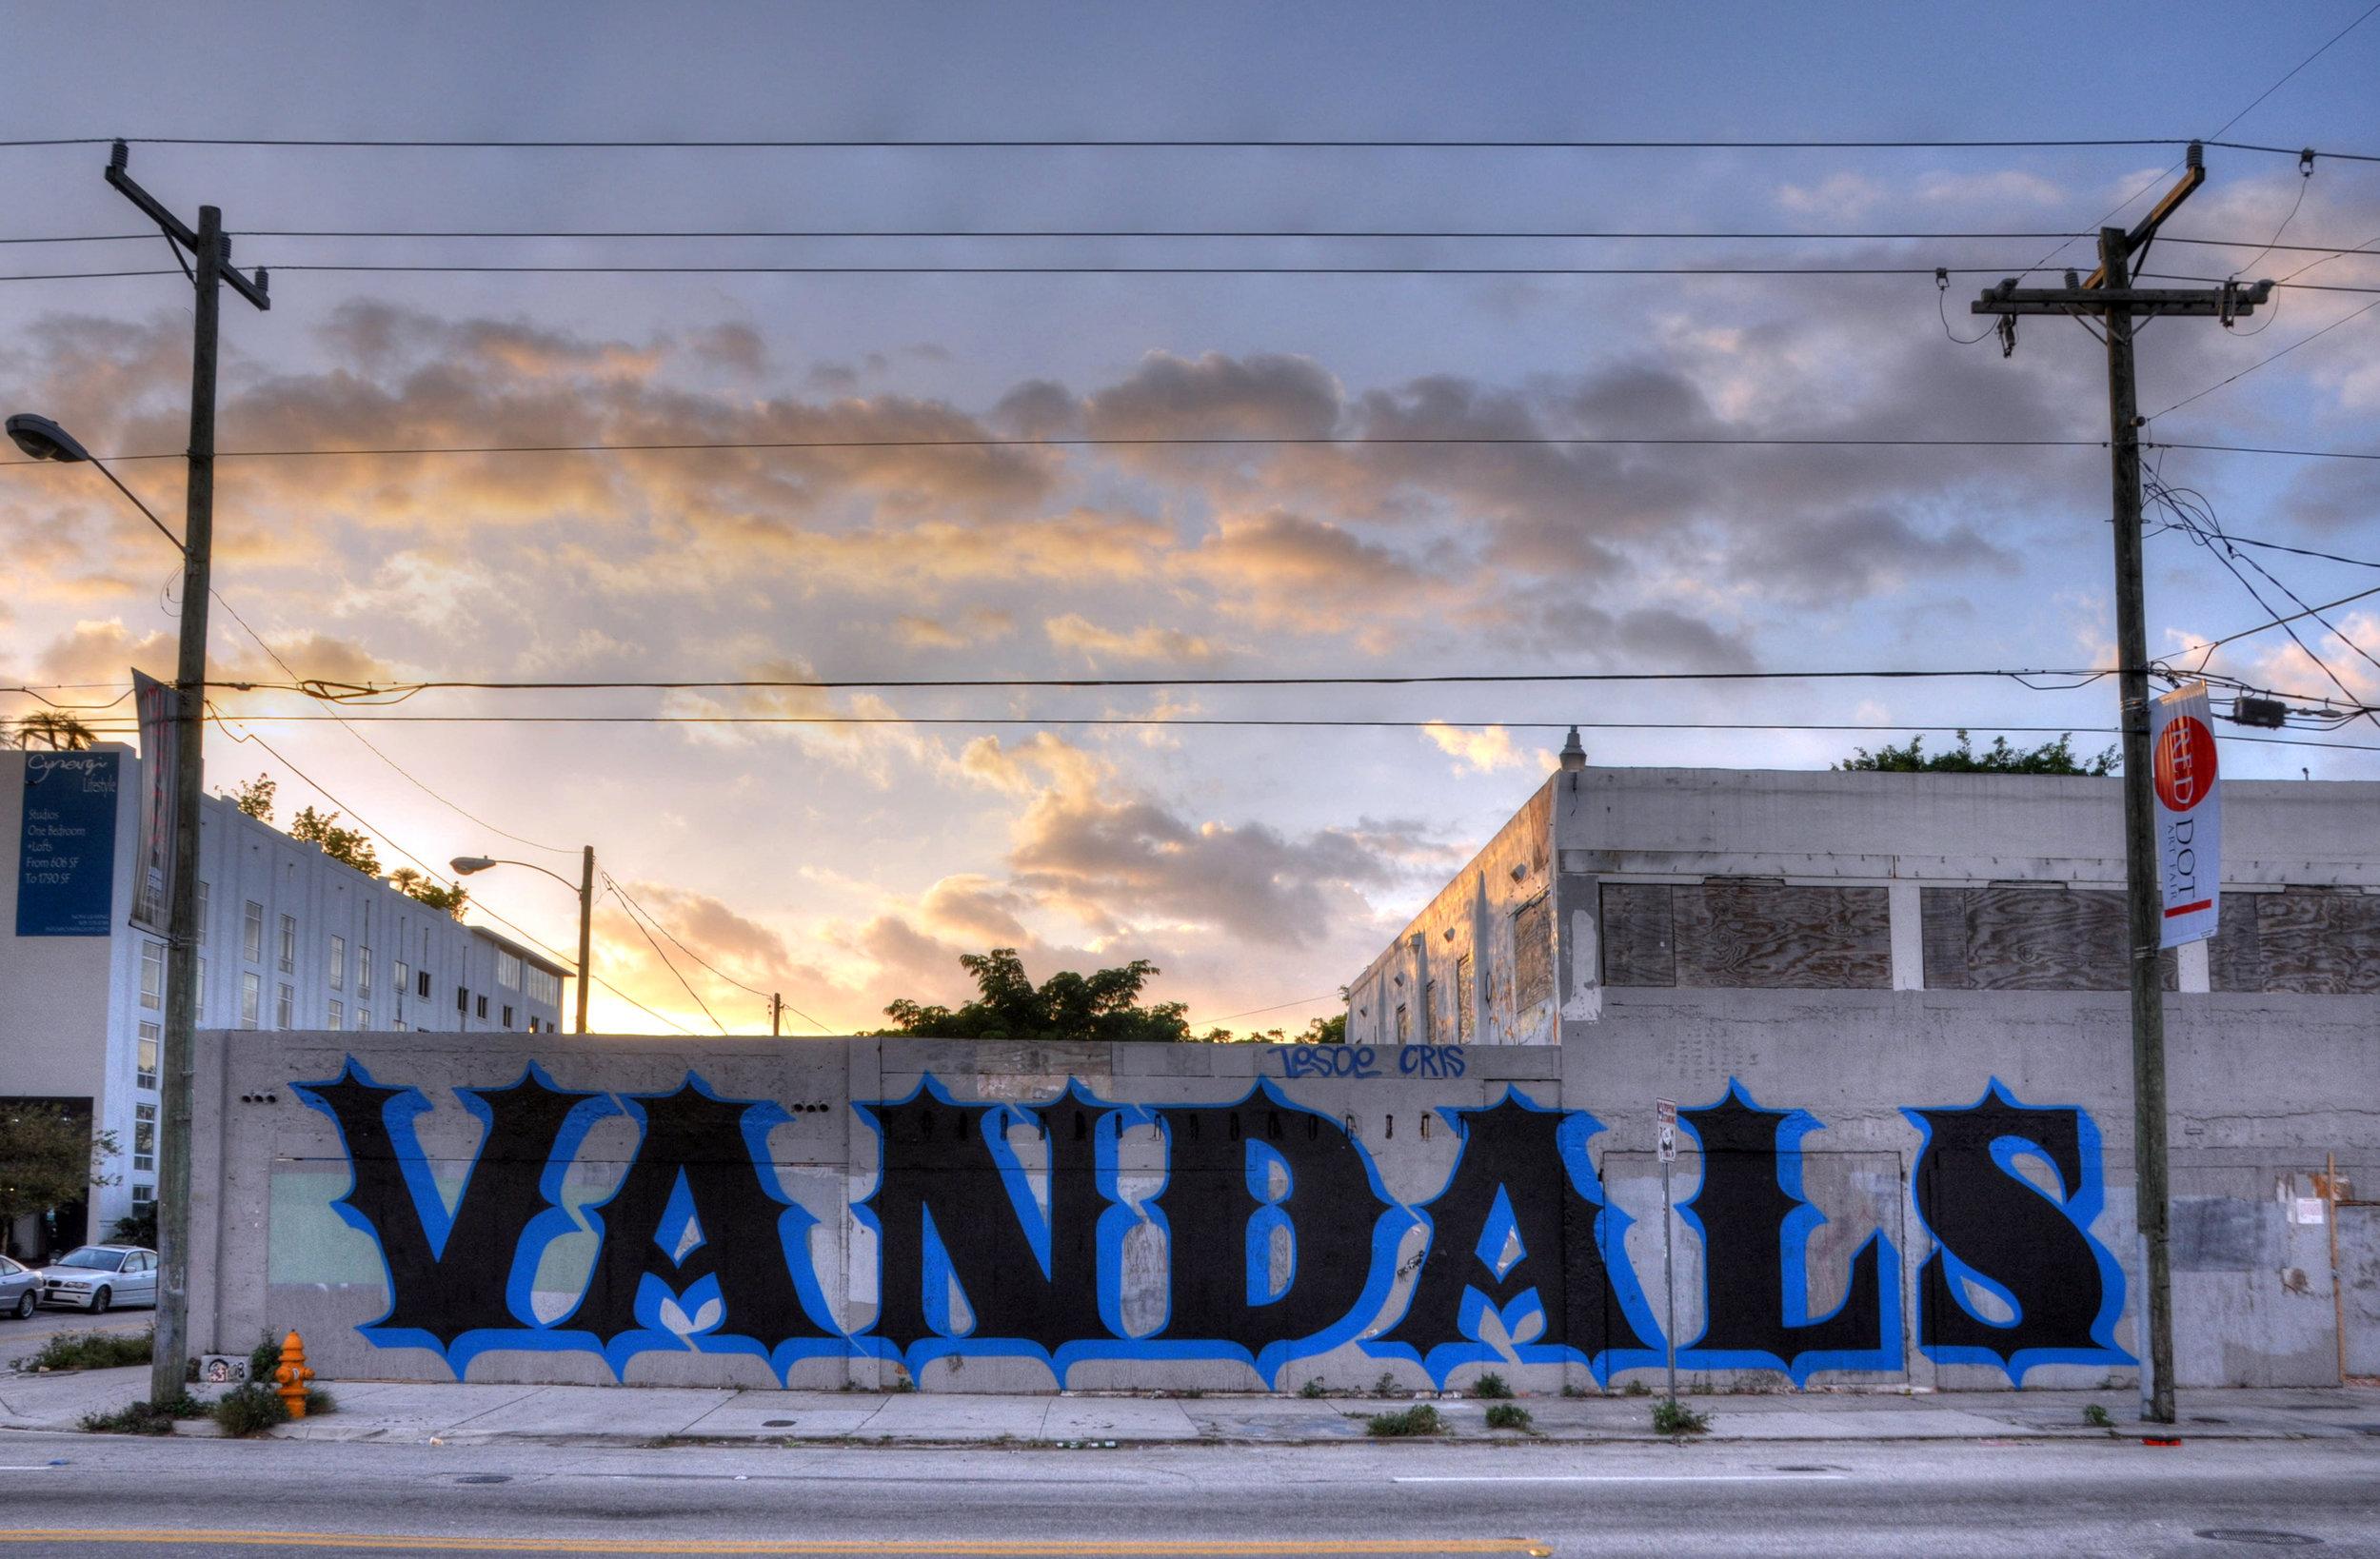 EINE_VANDALS_Miami copy.jpg